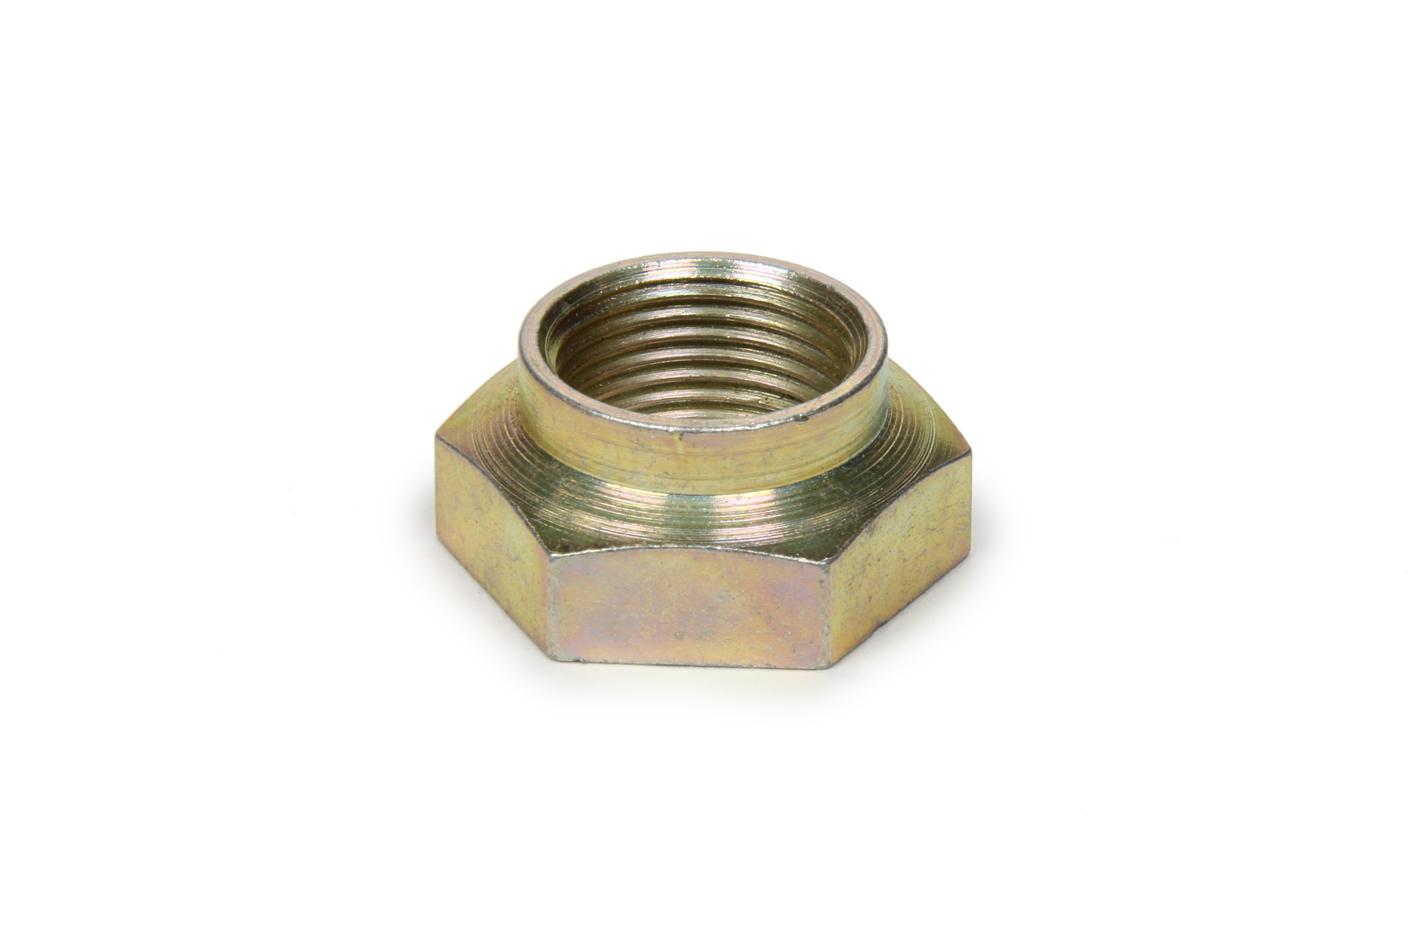 Motive Gear Pinion Nut Toyota S- 7.8 4 CYL.- 7.8 6 CYL